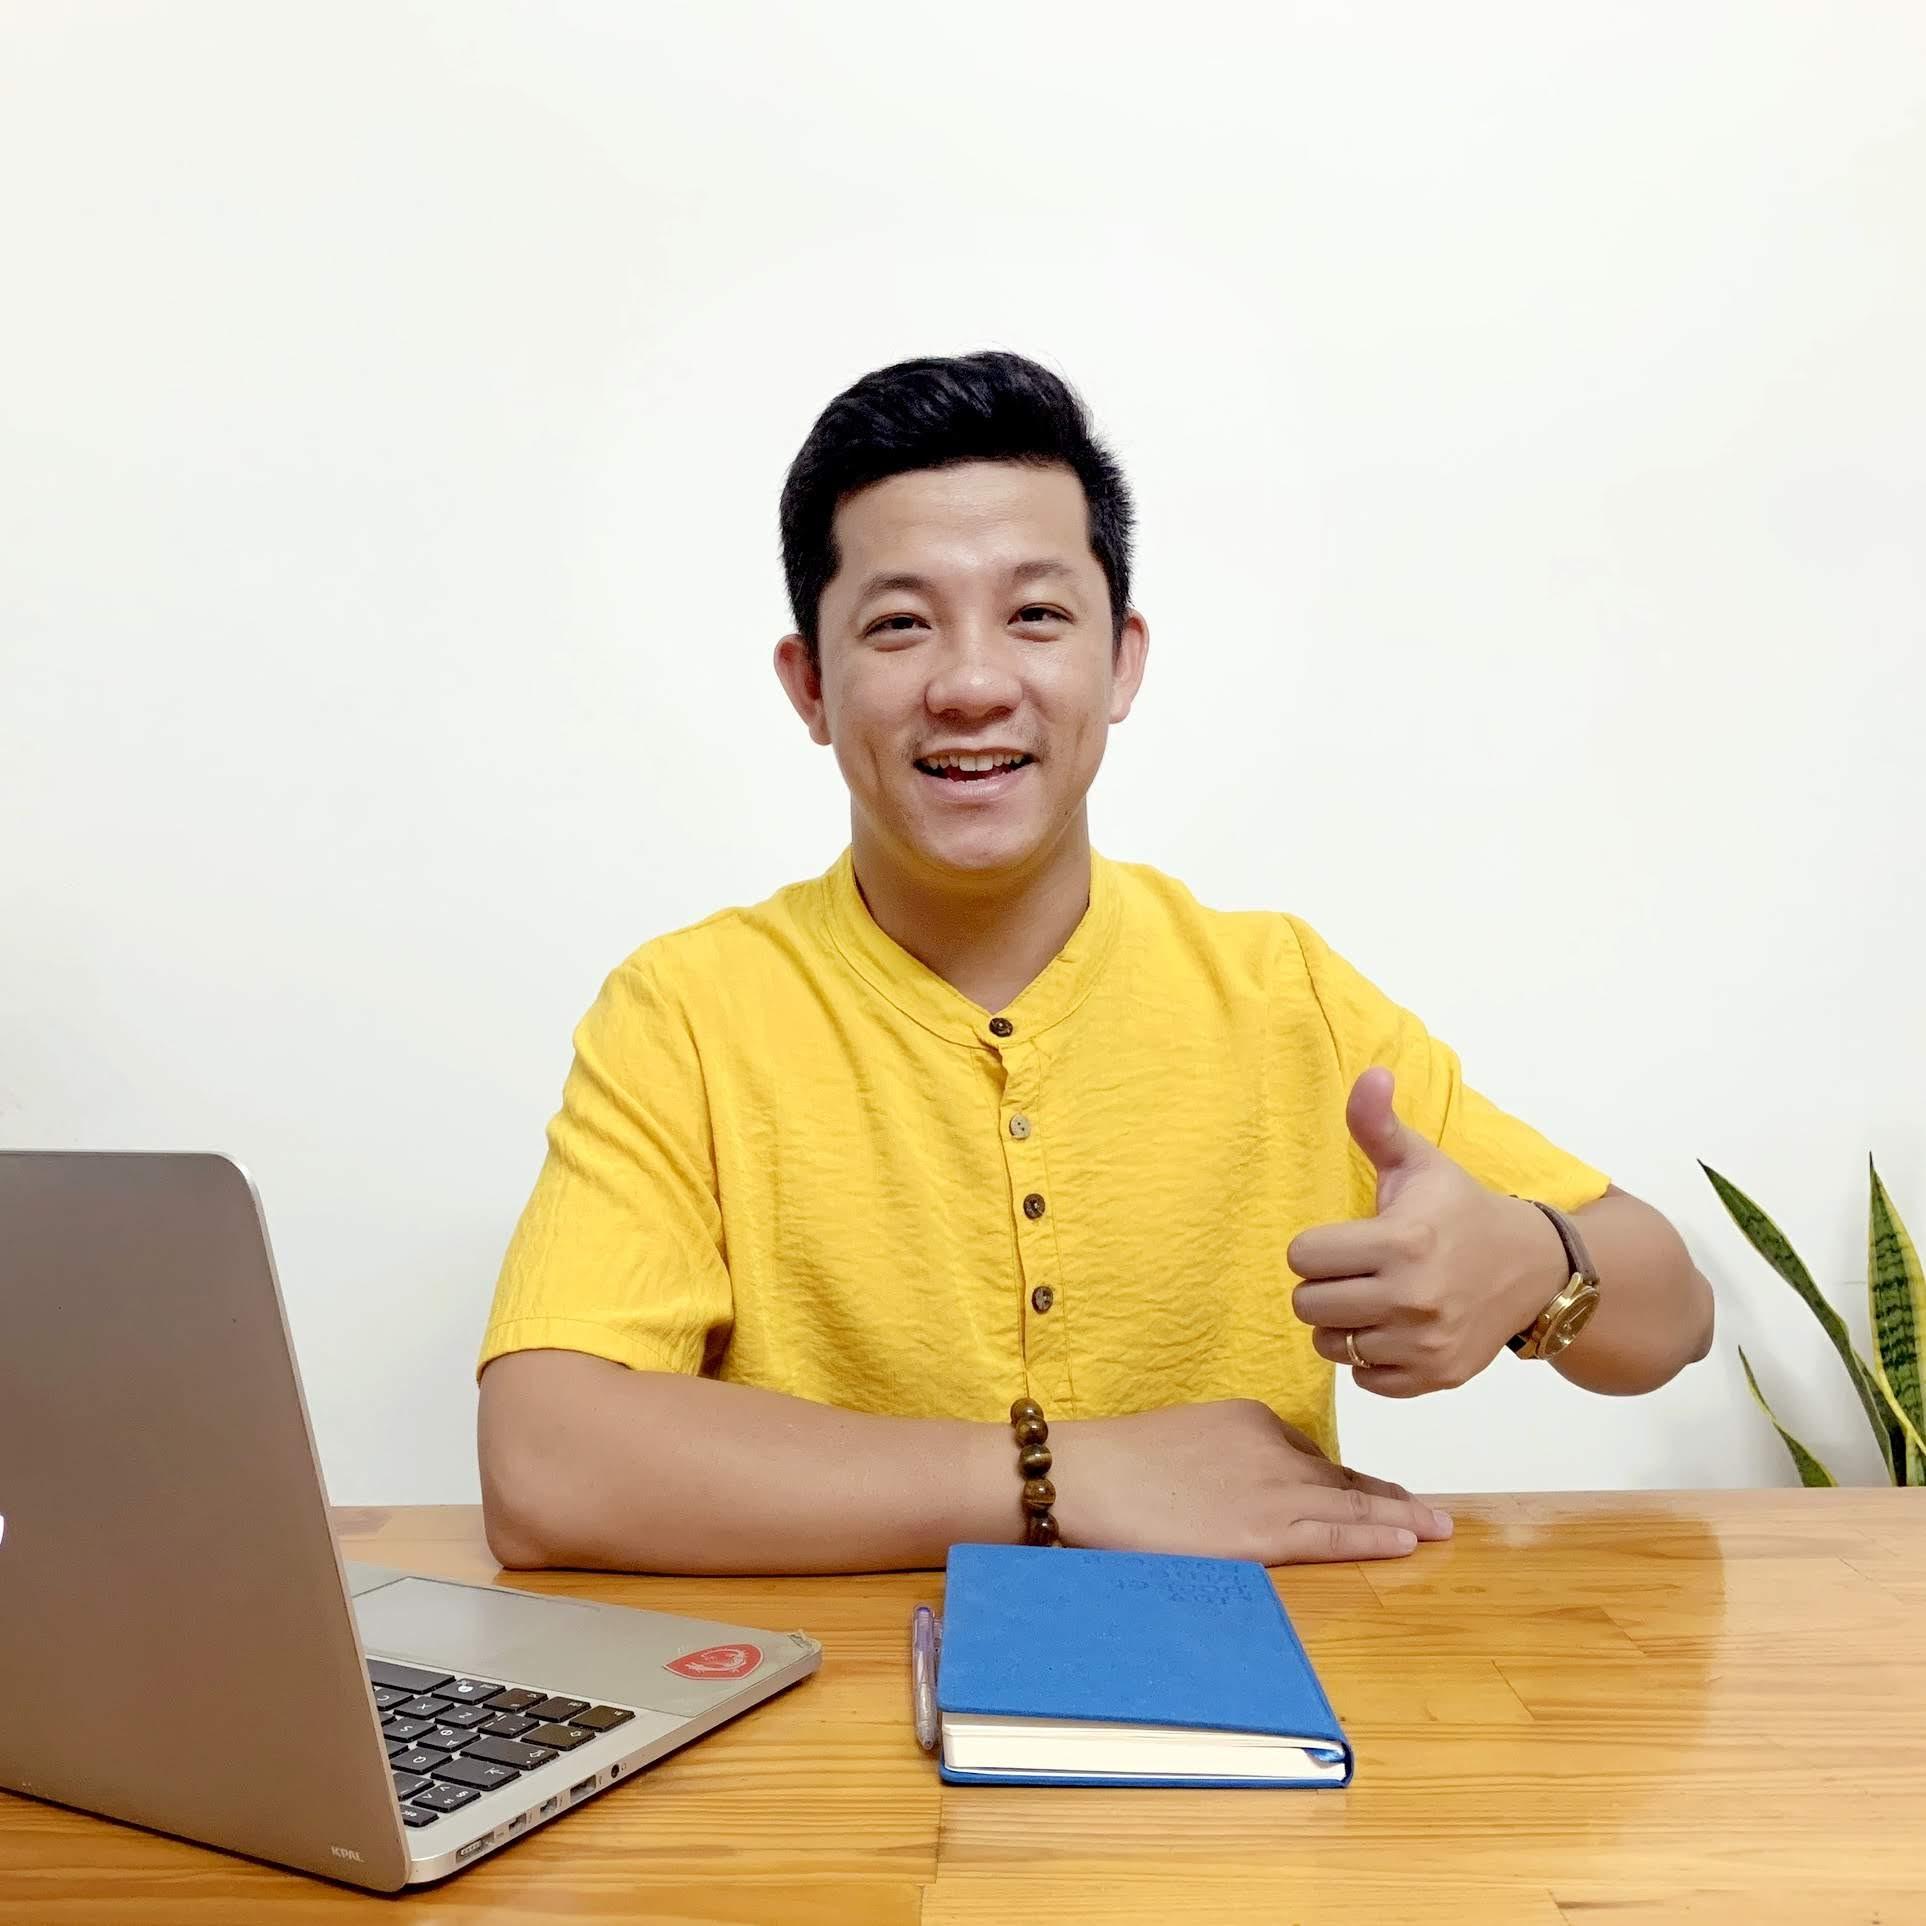 Chào bạn, Tôi là Trung - Chuyên gia S.E.O, Tư vấn chiến lược Marketing Online